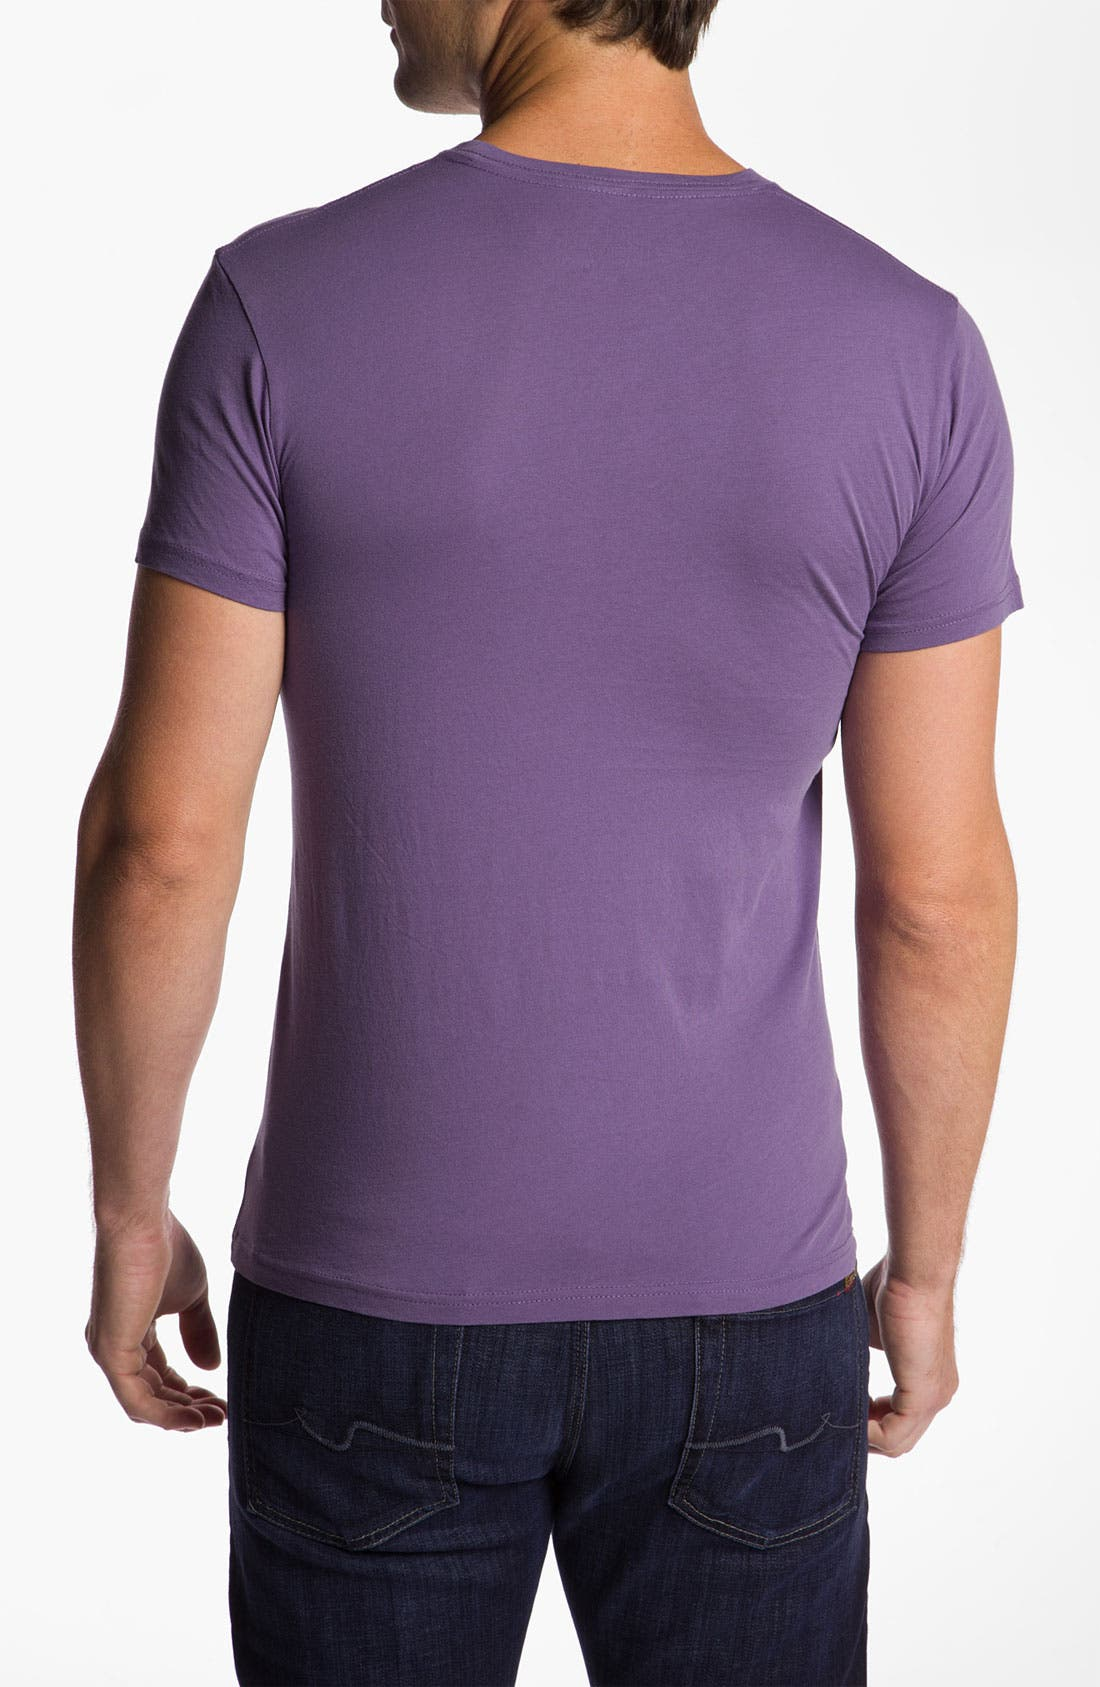 Alternate Image 2  - The Original Retro Brand 'East Carolina College' T-Shirt